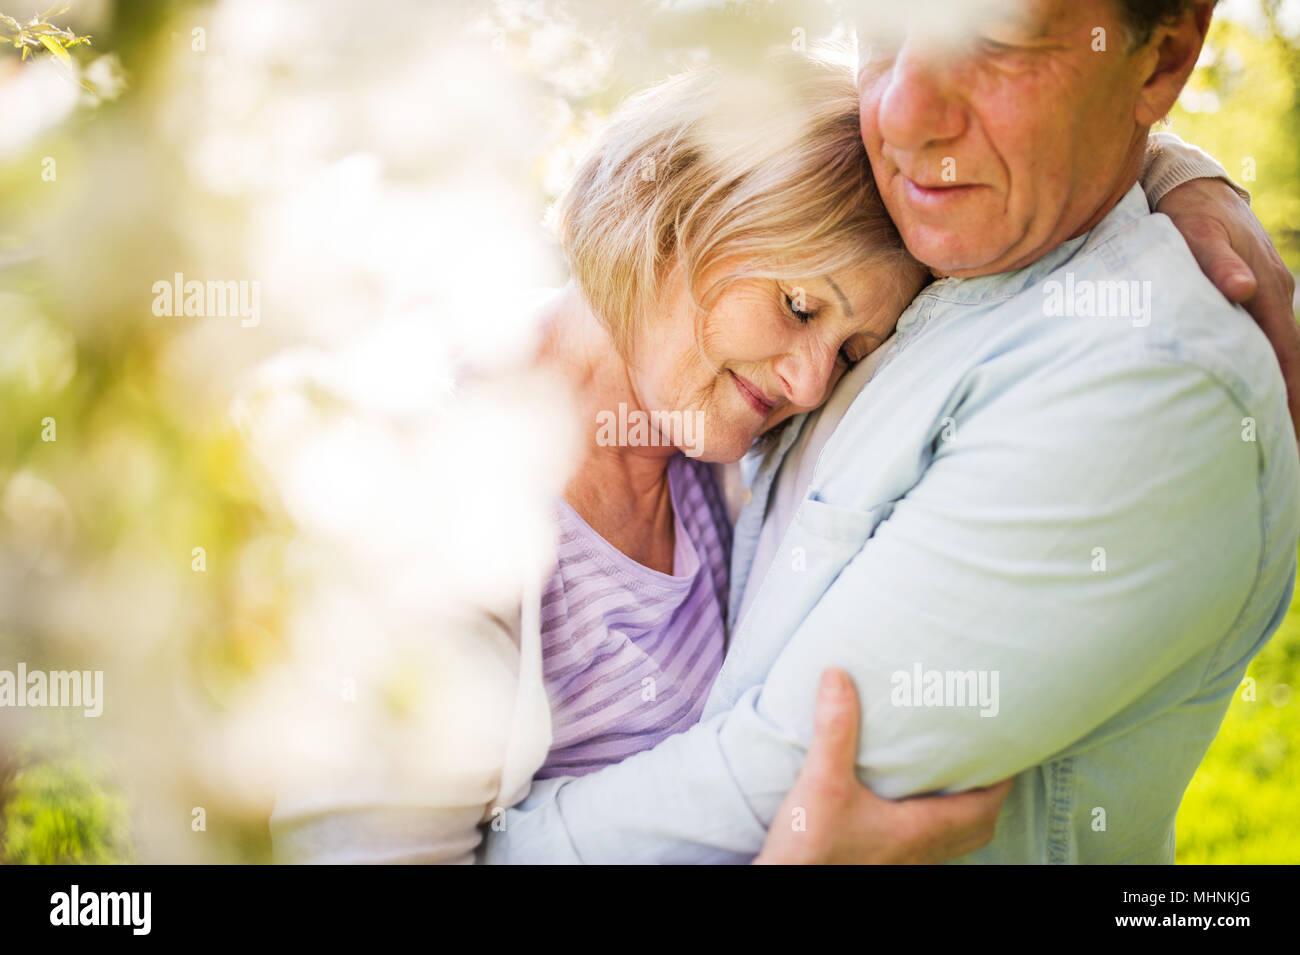 Schönes älteres Ehepaar in Liebe außerhalb im Frühjahr die Natur. Stockbild